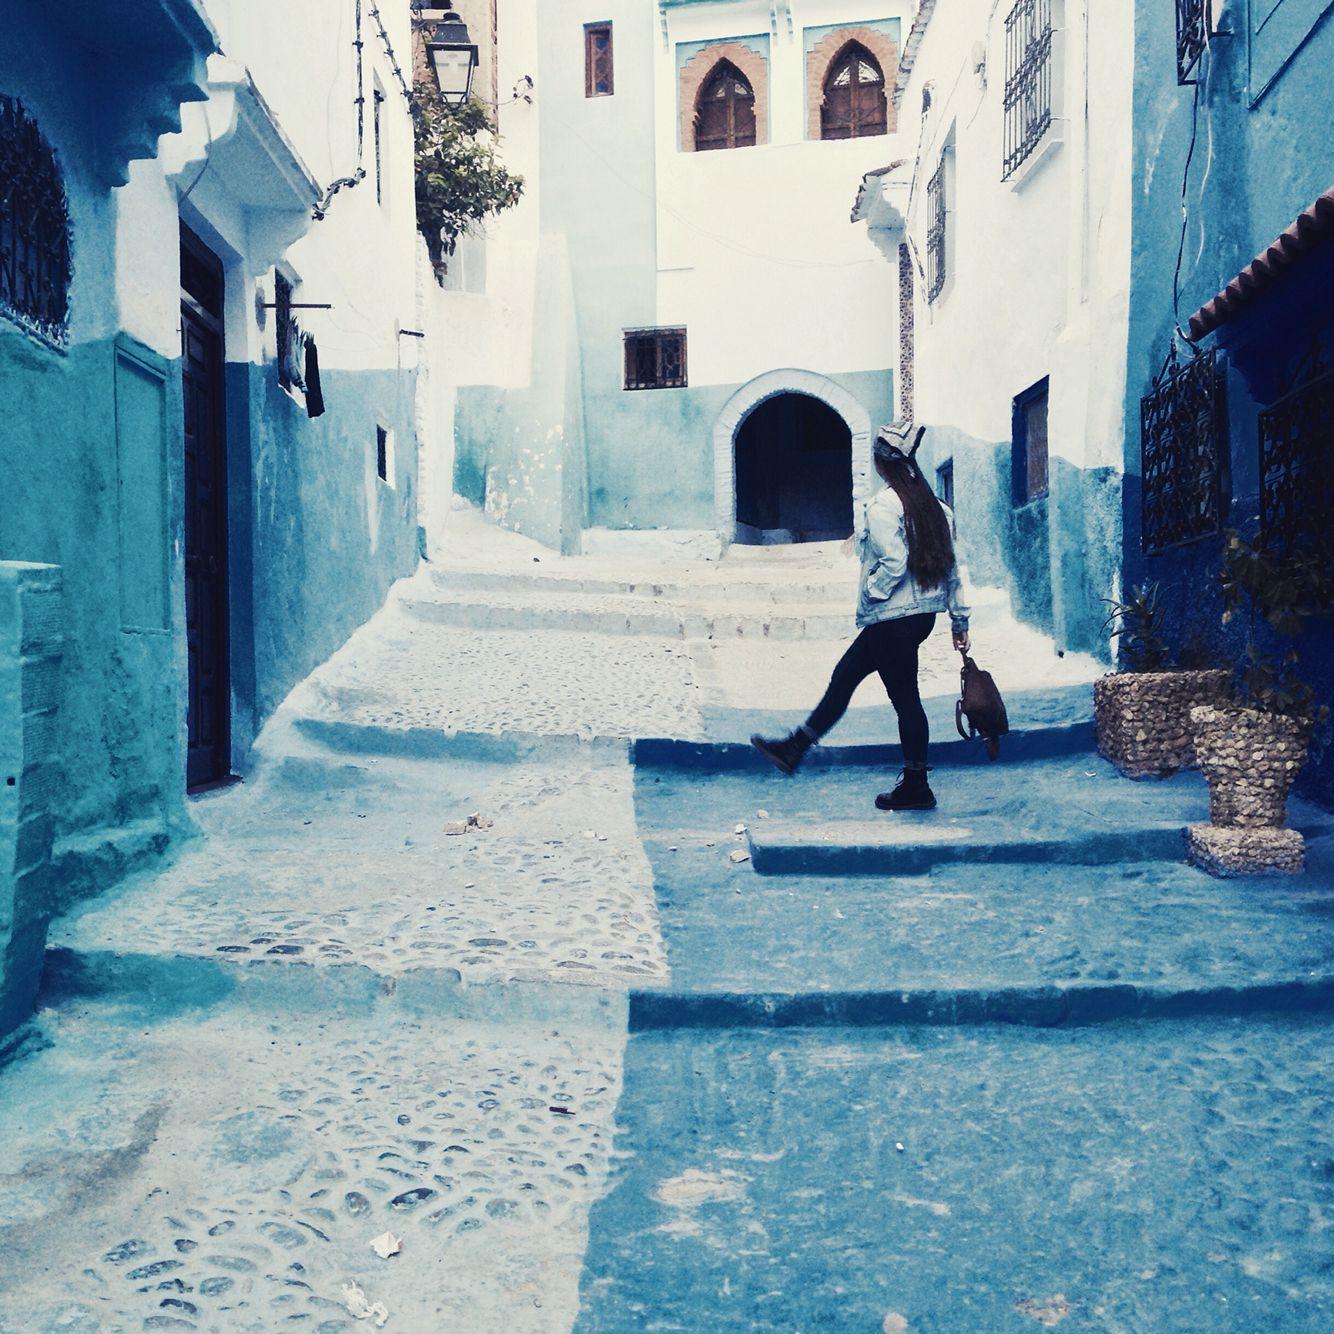 Wondering around Chefchauen, Morocco. Blue everything!